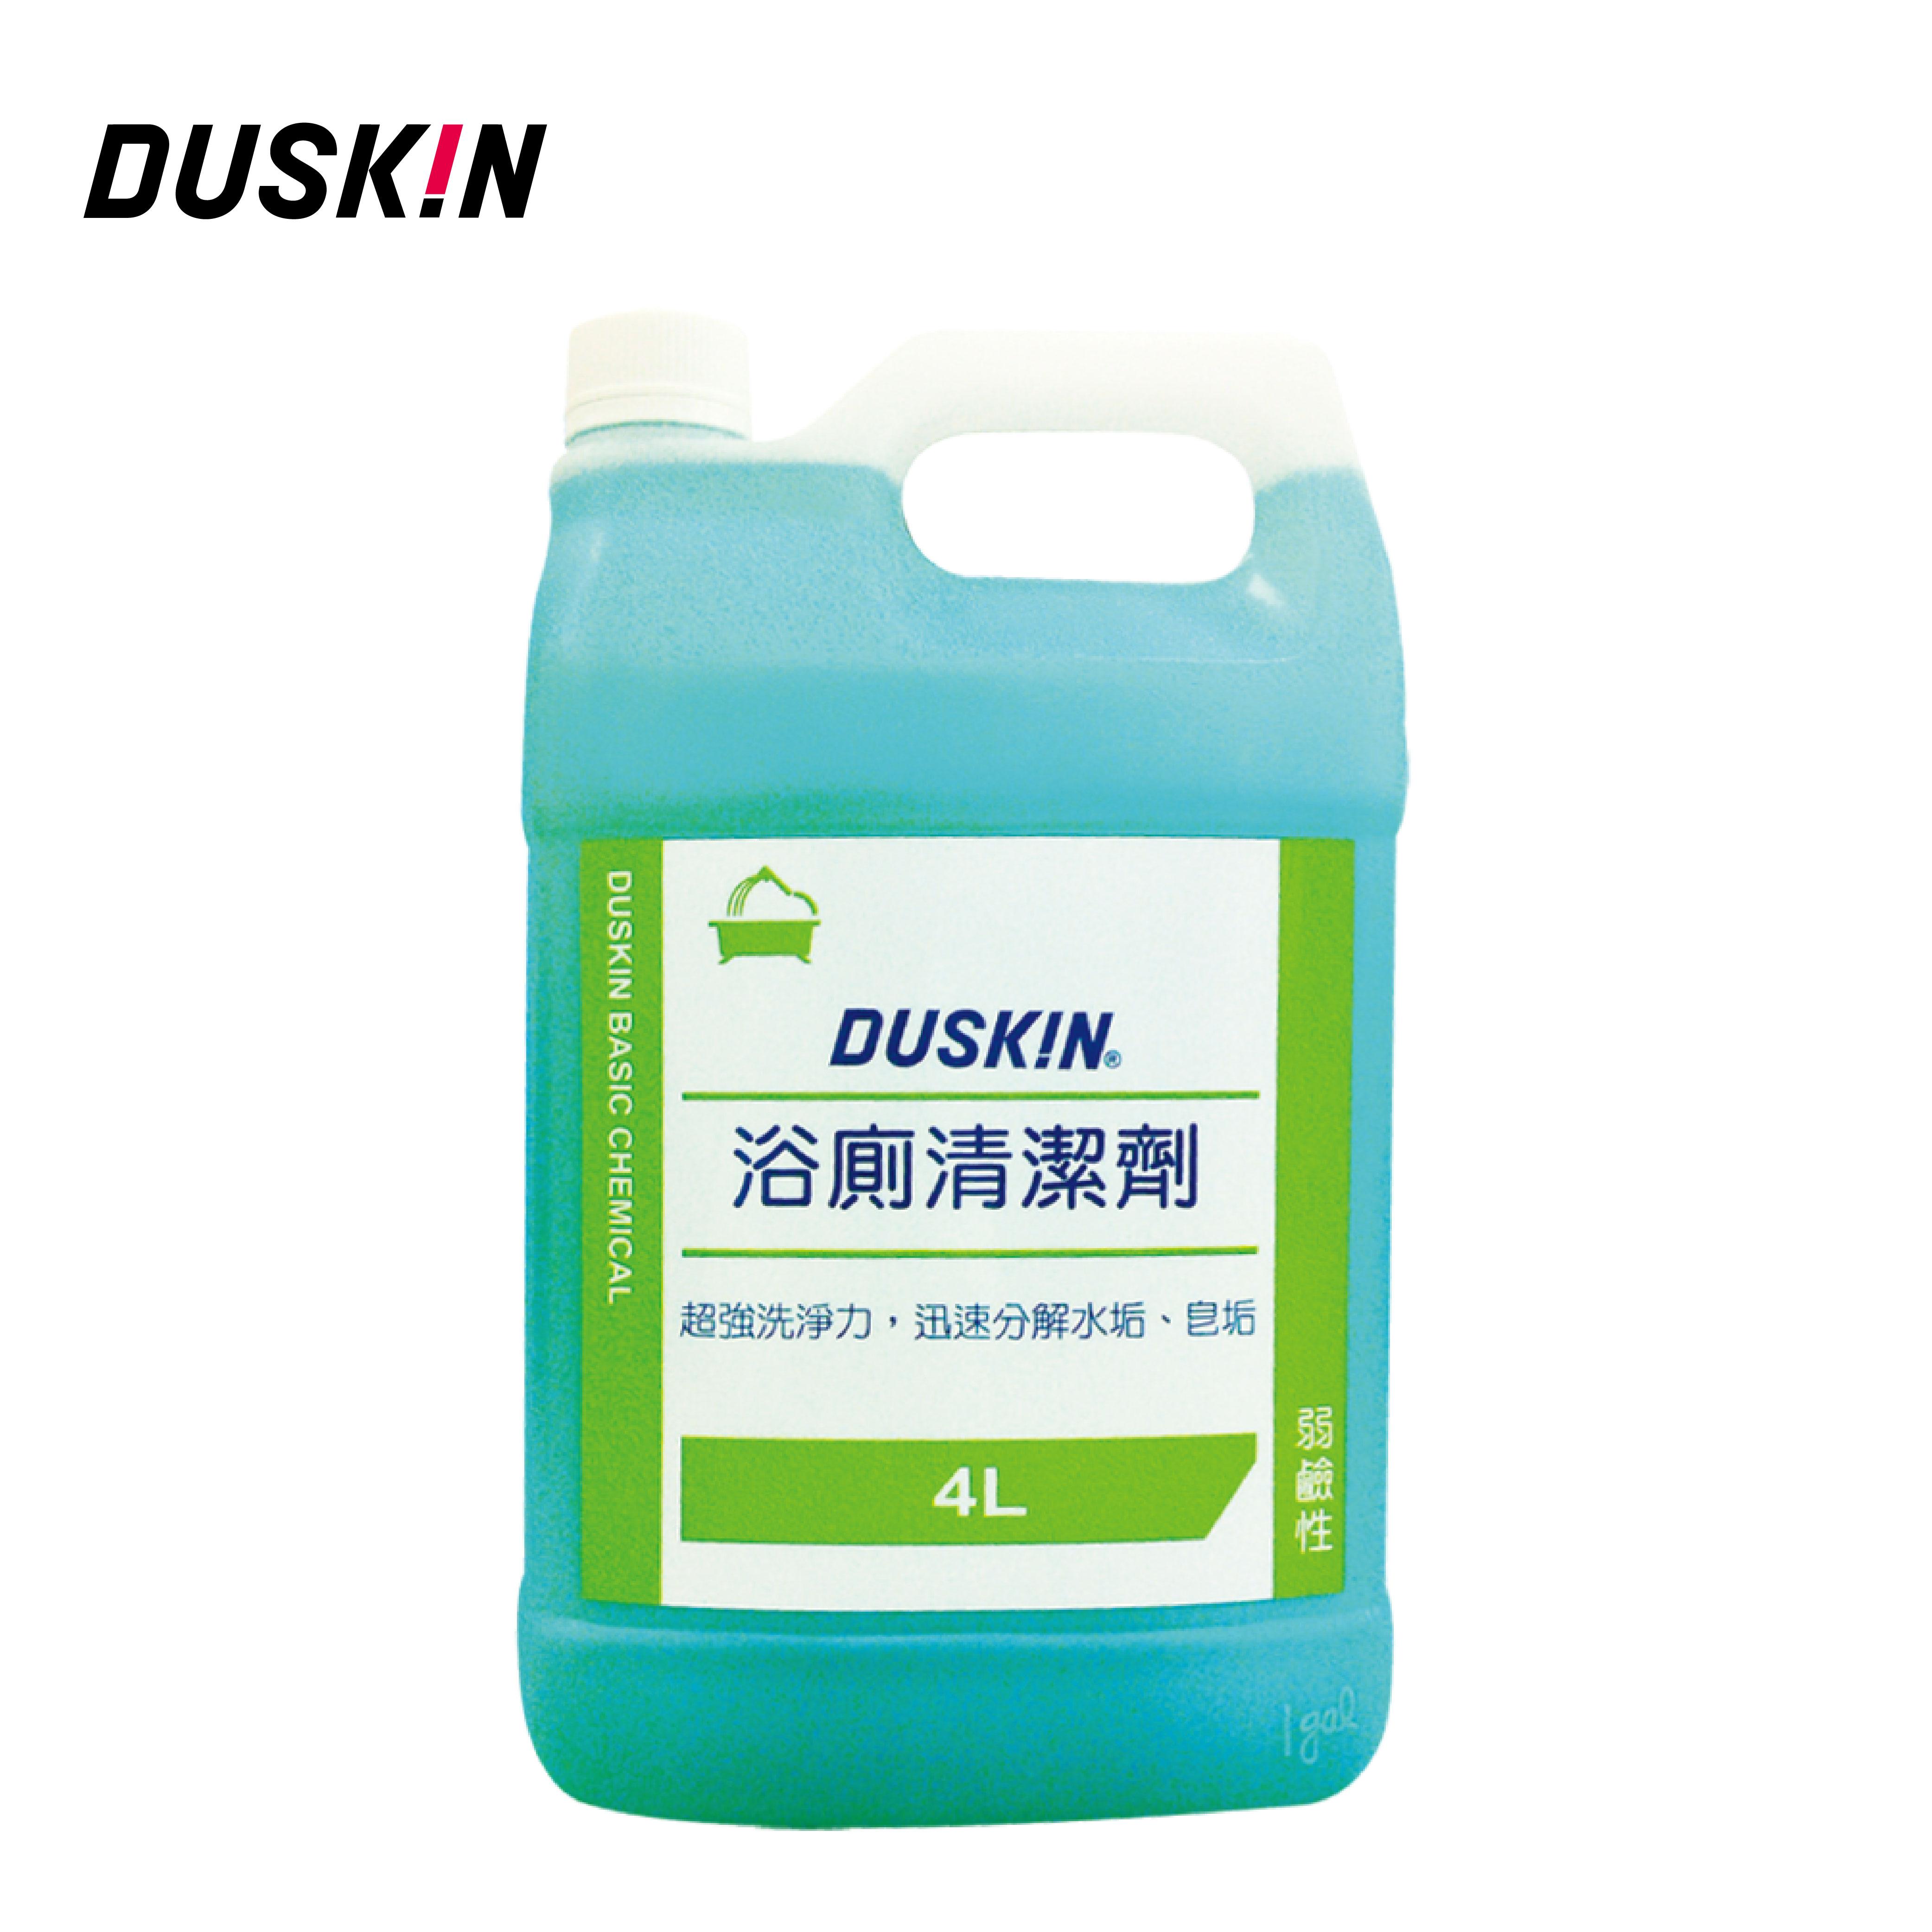 DUSKIN浴廁清潔劑(4公升) 0